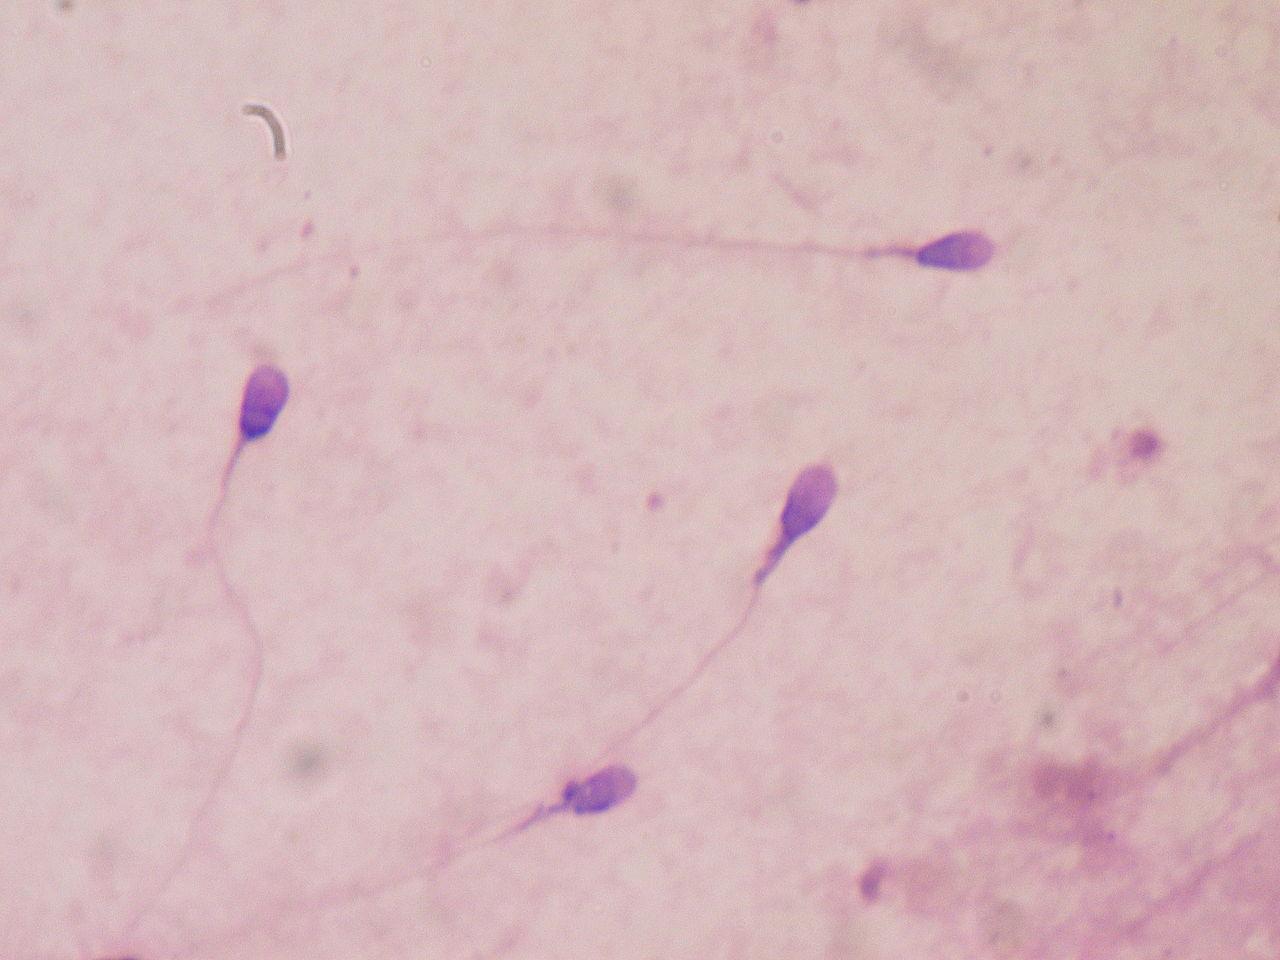 Sperme au microscope